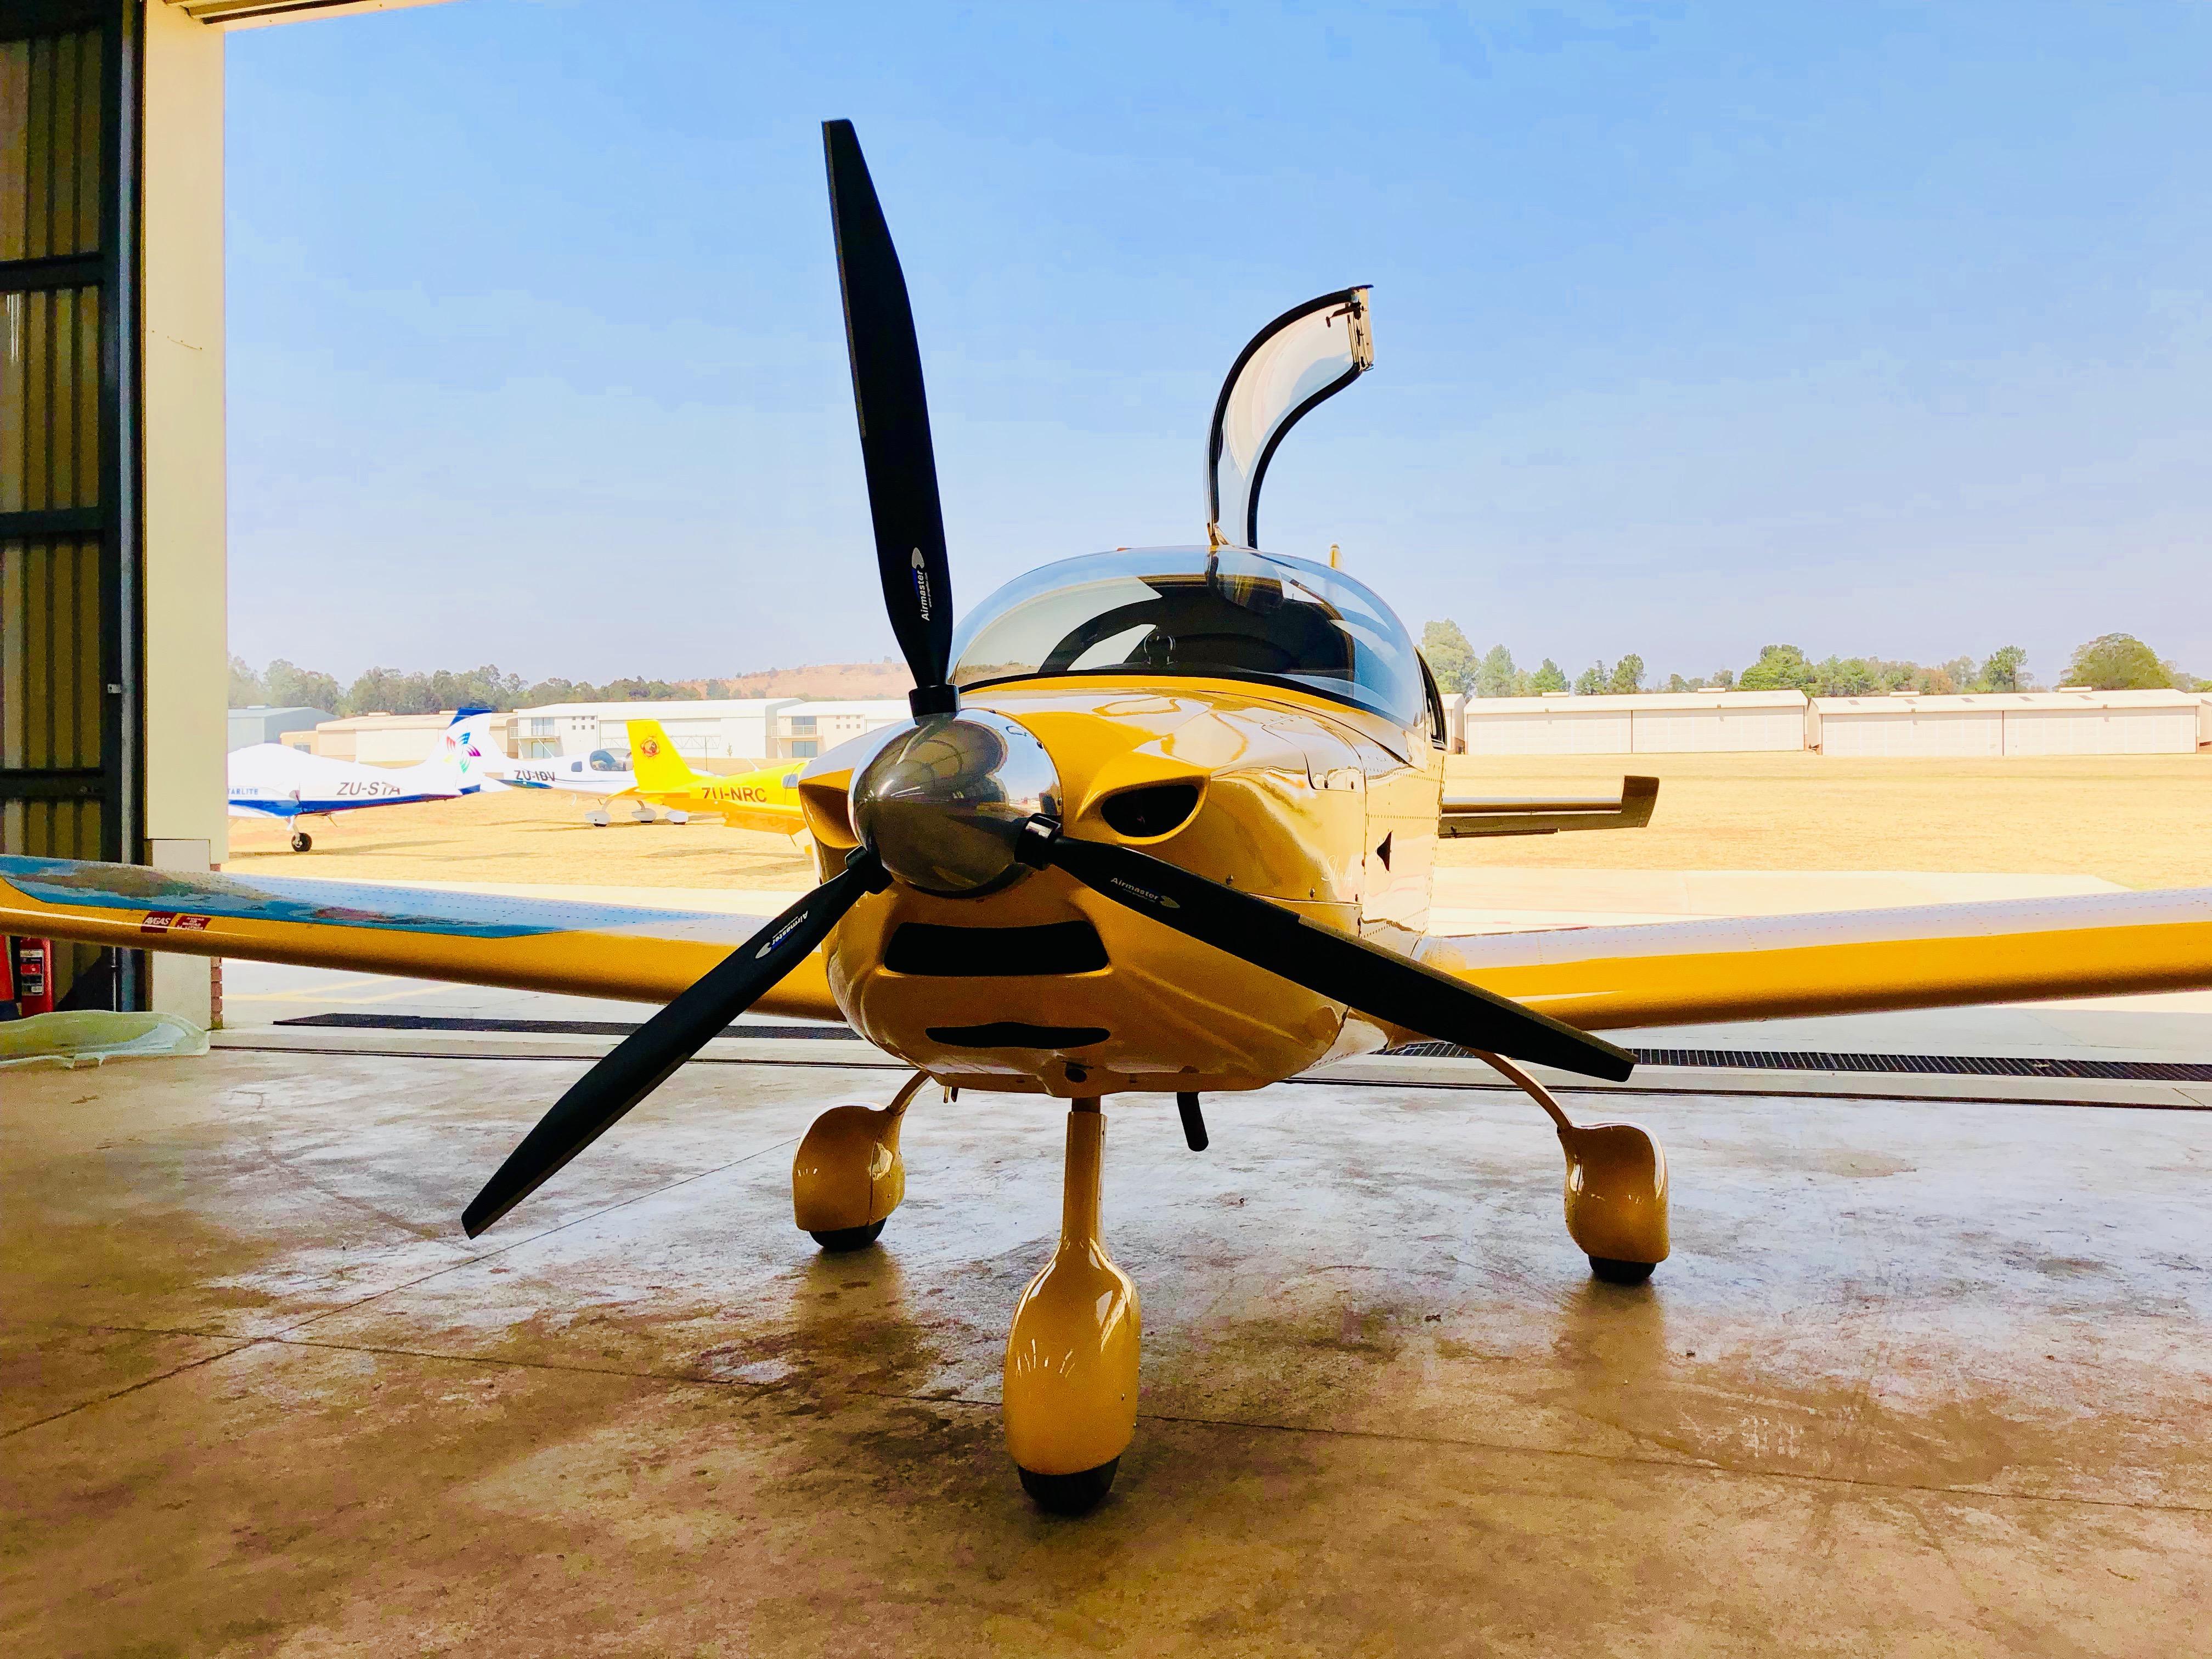 737945C9-F191-4E69-AB56-EA89CF268160